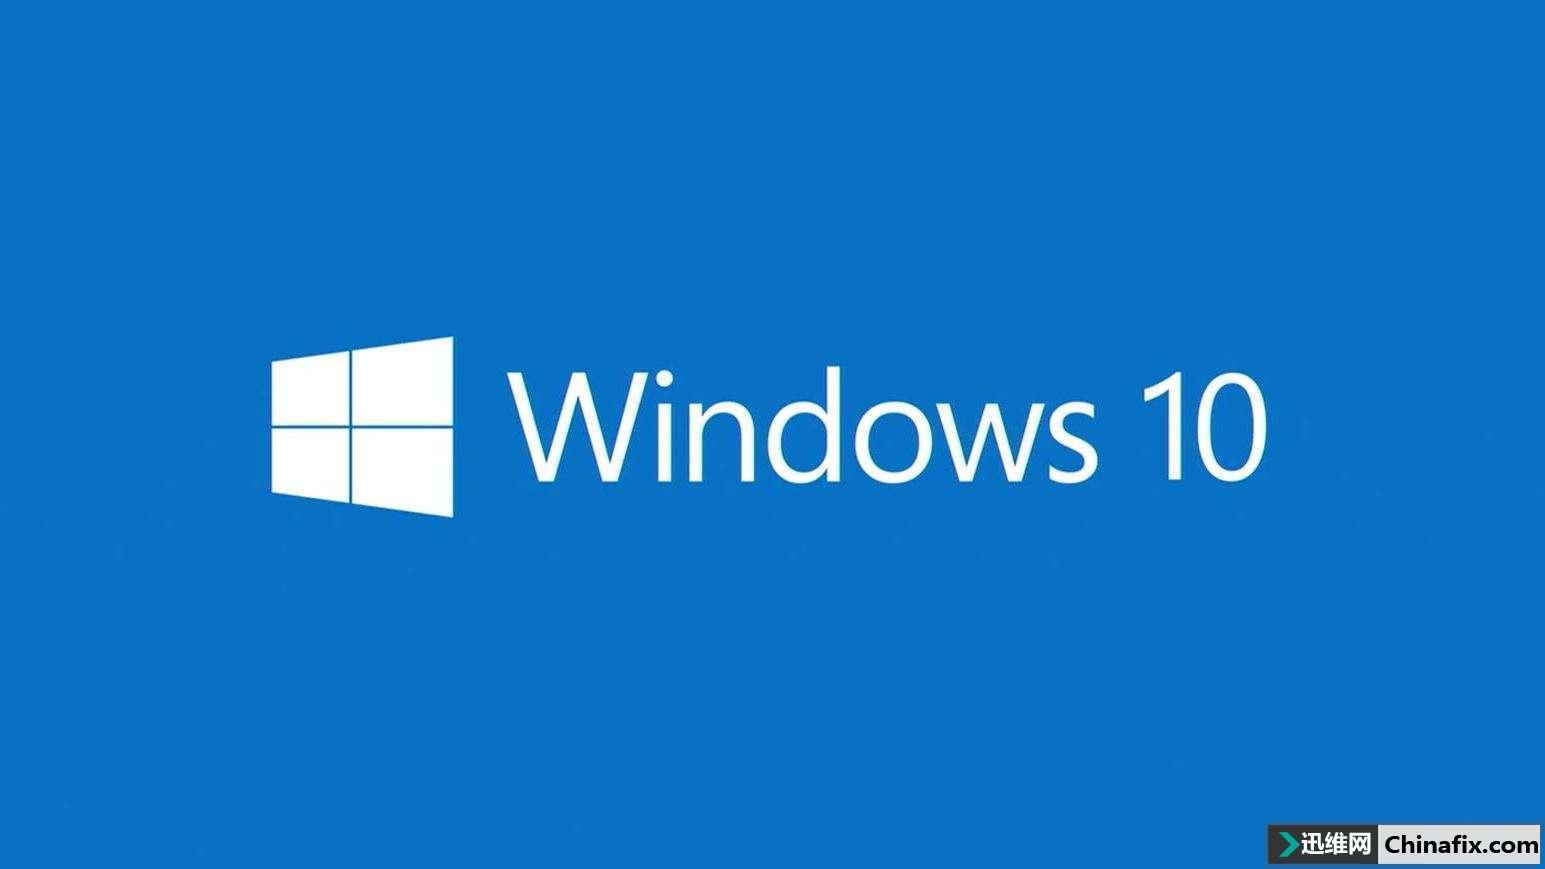 最近一个月内微软在Windows 10的补丁推送方面更加频繁了?小编个人整个9月份就收到过KB4576947补丁、KB4577062补丁、KB4576484补丁、KB4574727补丁、KB457